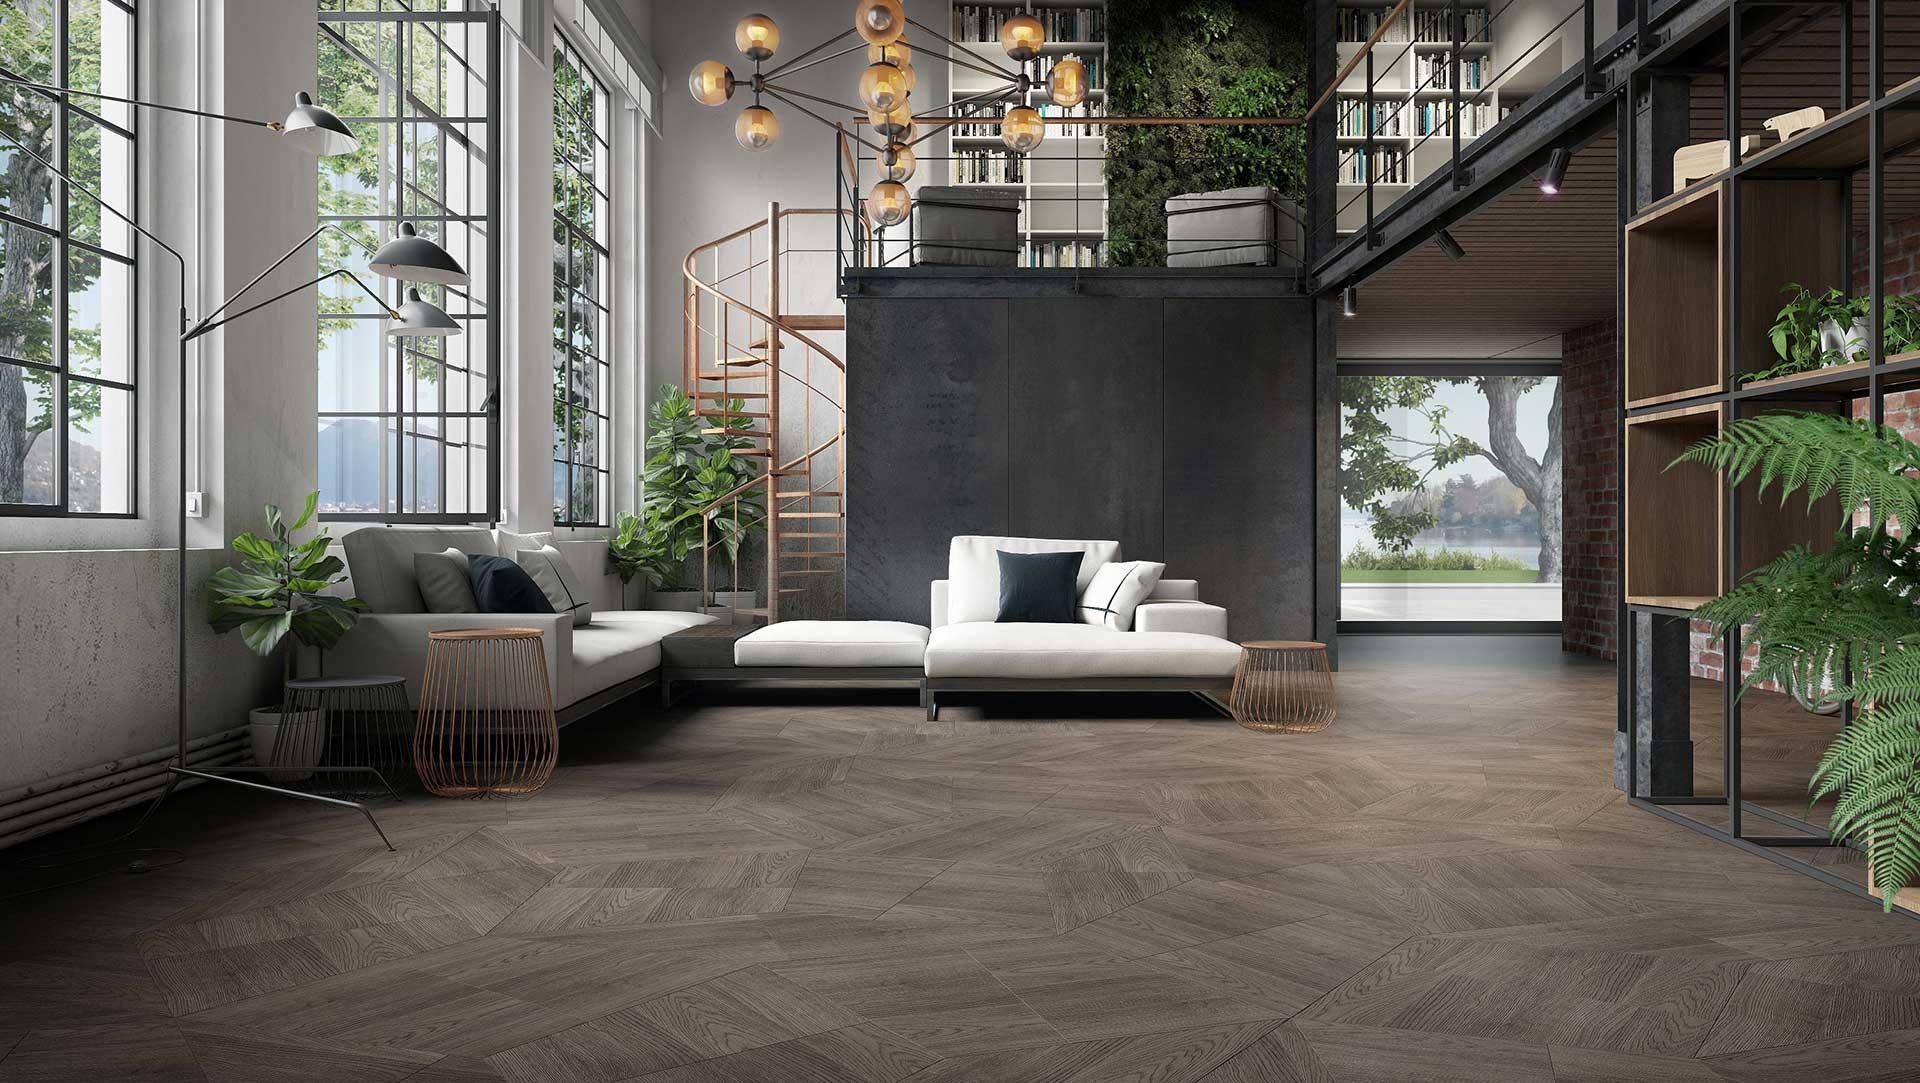 Pienza 1458 - Design instalación Elio